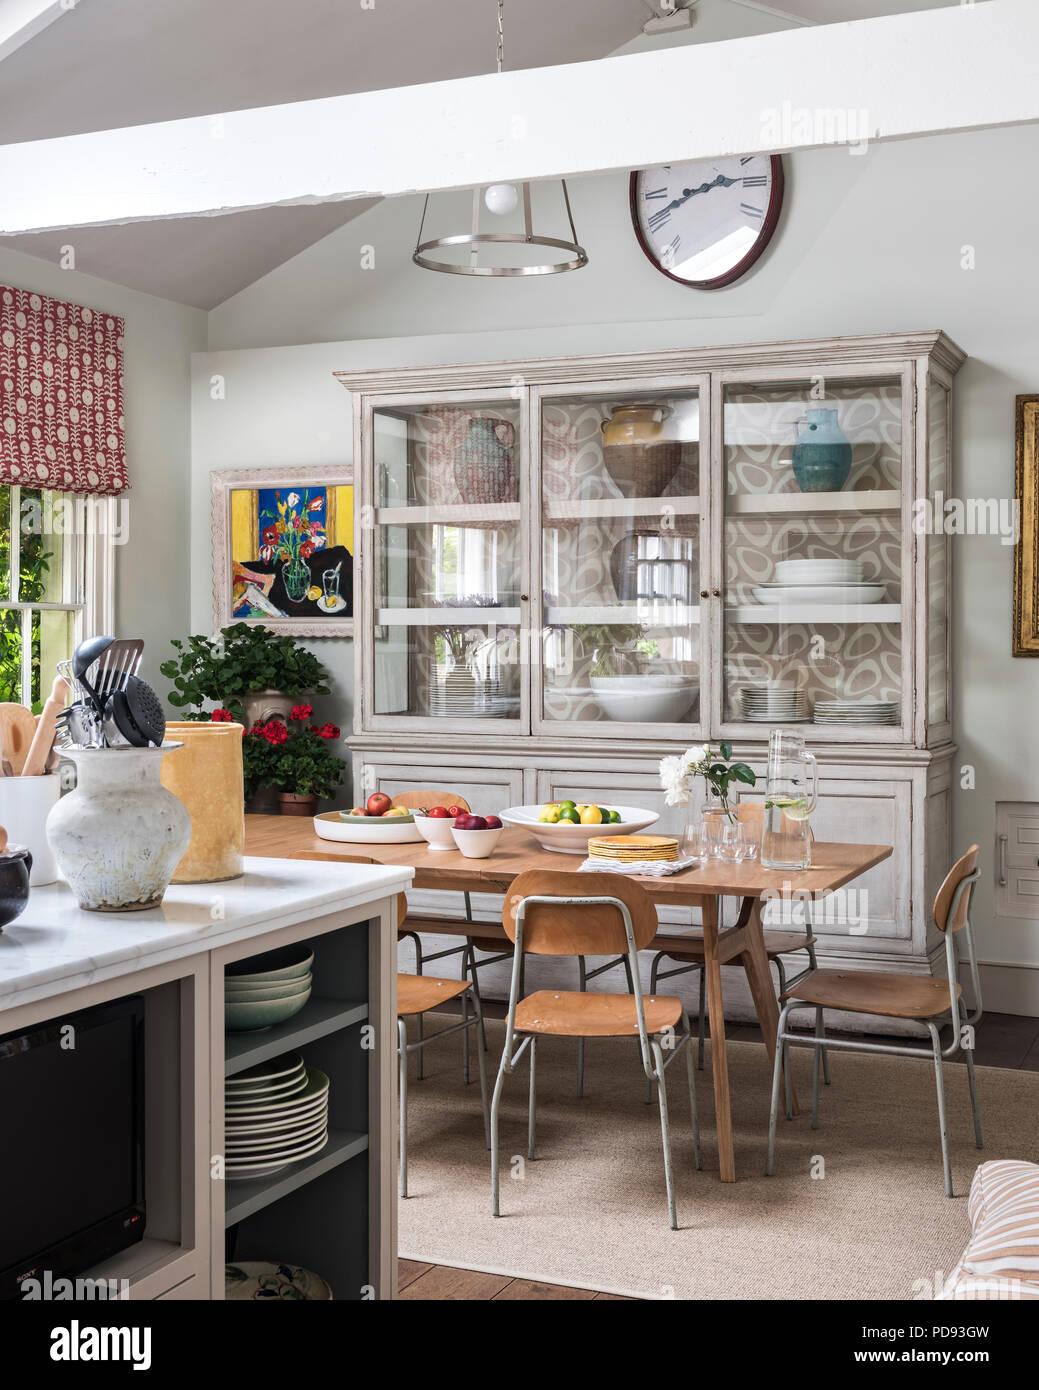 Una grande vetrata antica credenza in cucina sala da pranzo. Il ...